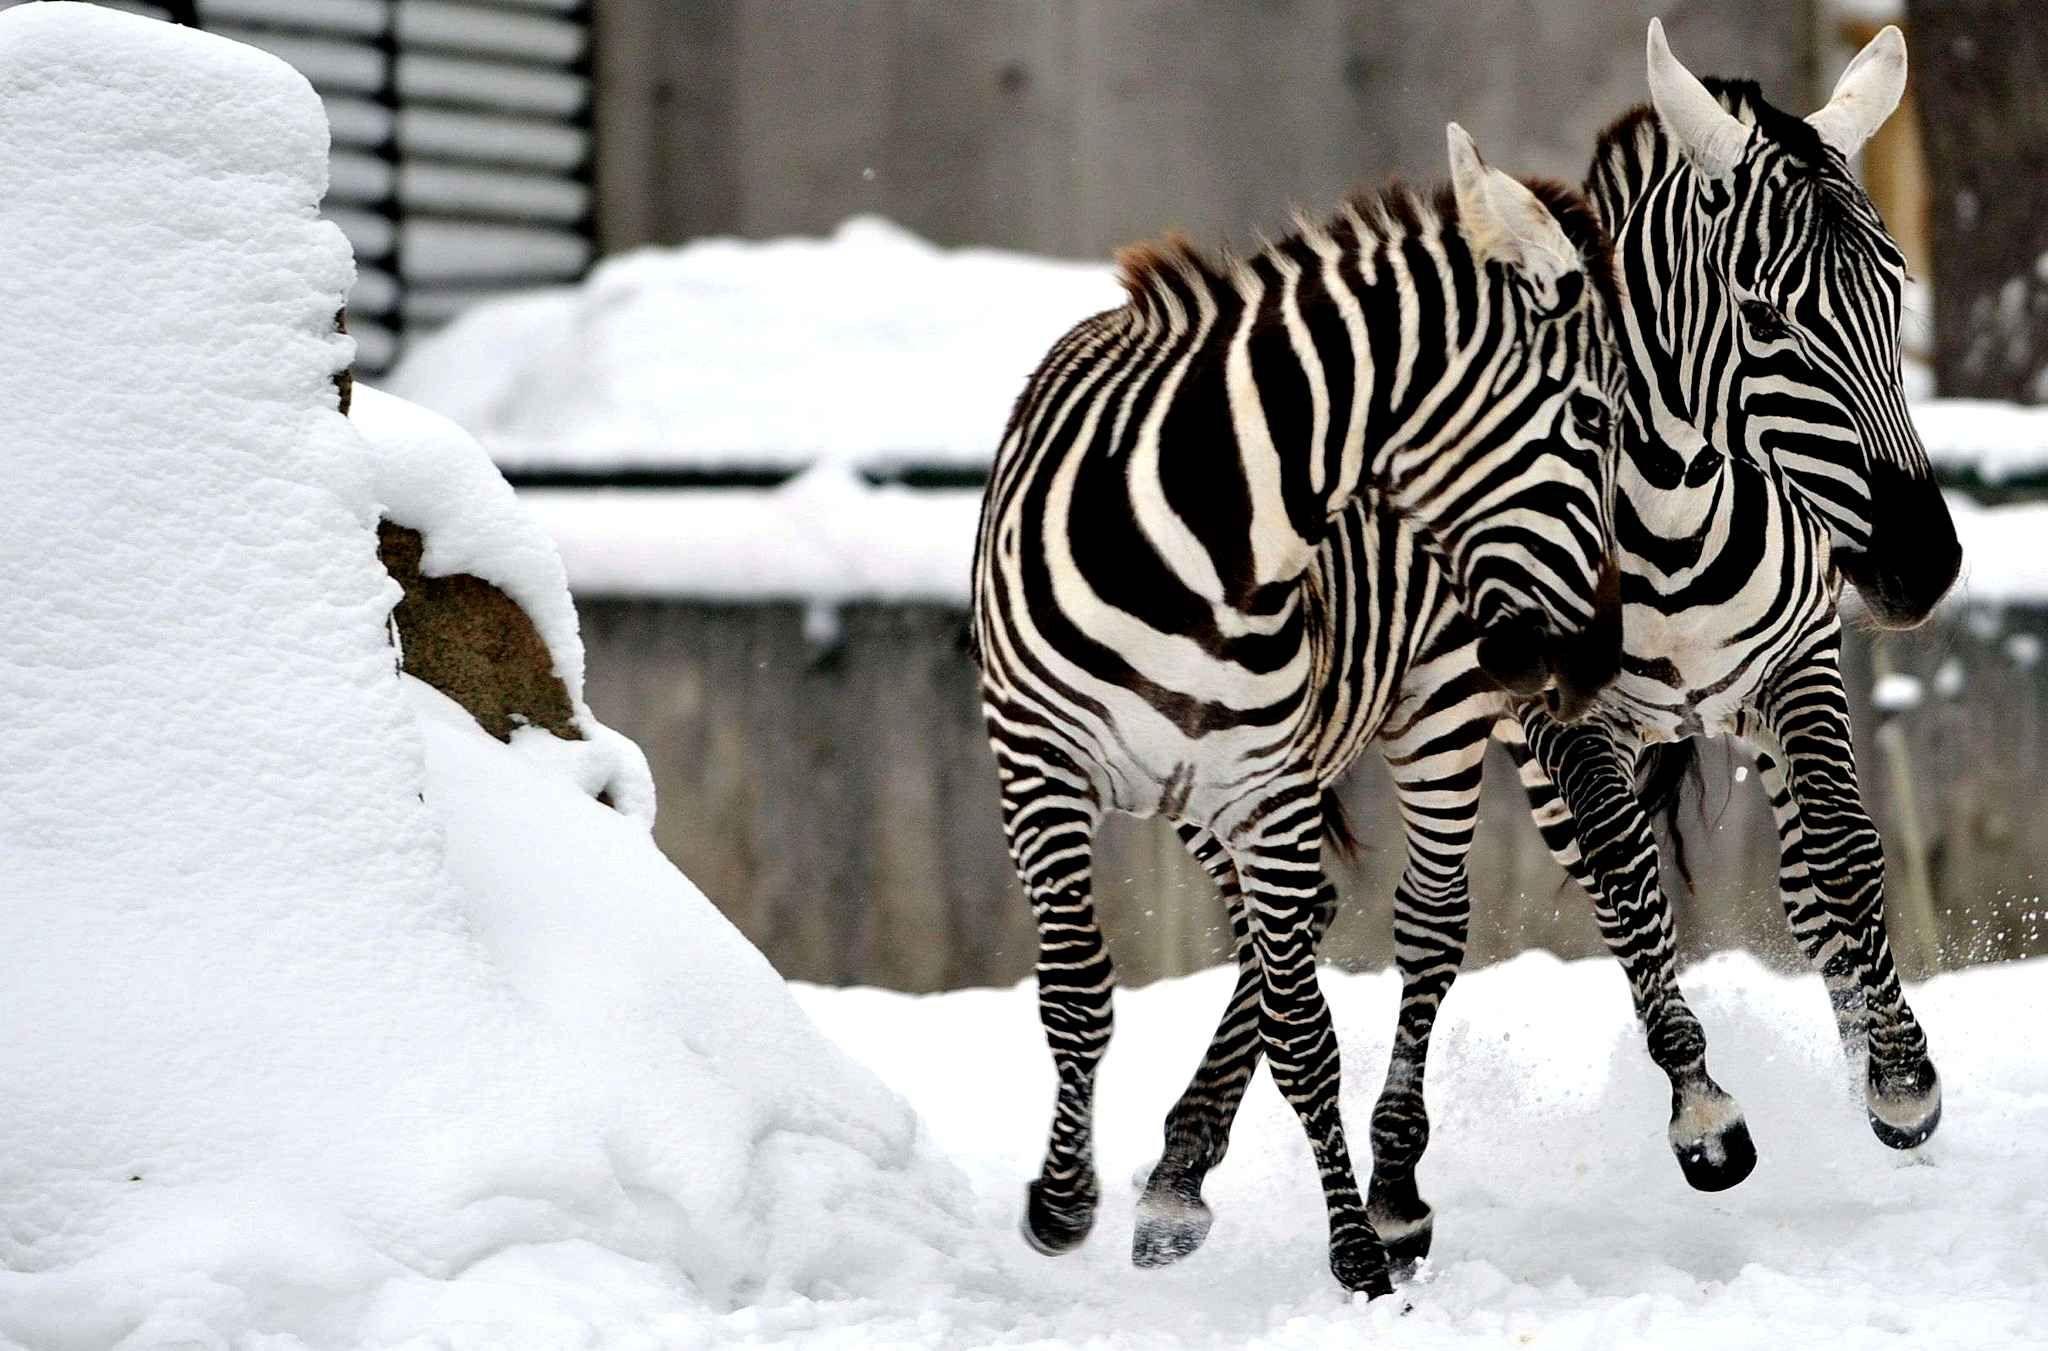 Les zèbres du zoo de Liberec en République tchèque s'amusent dans leur enclos couvert de neige.